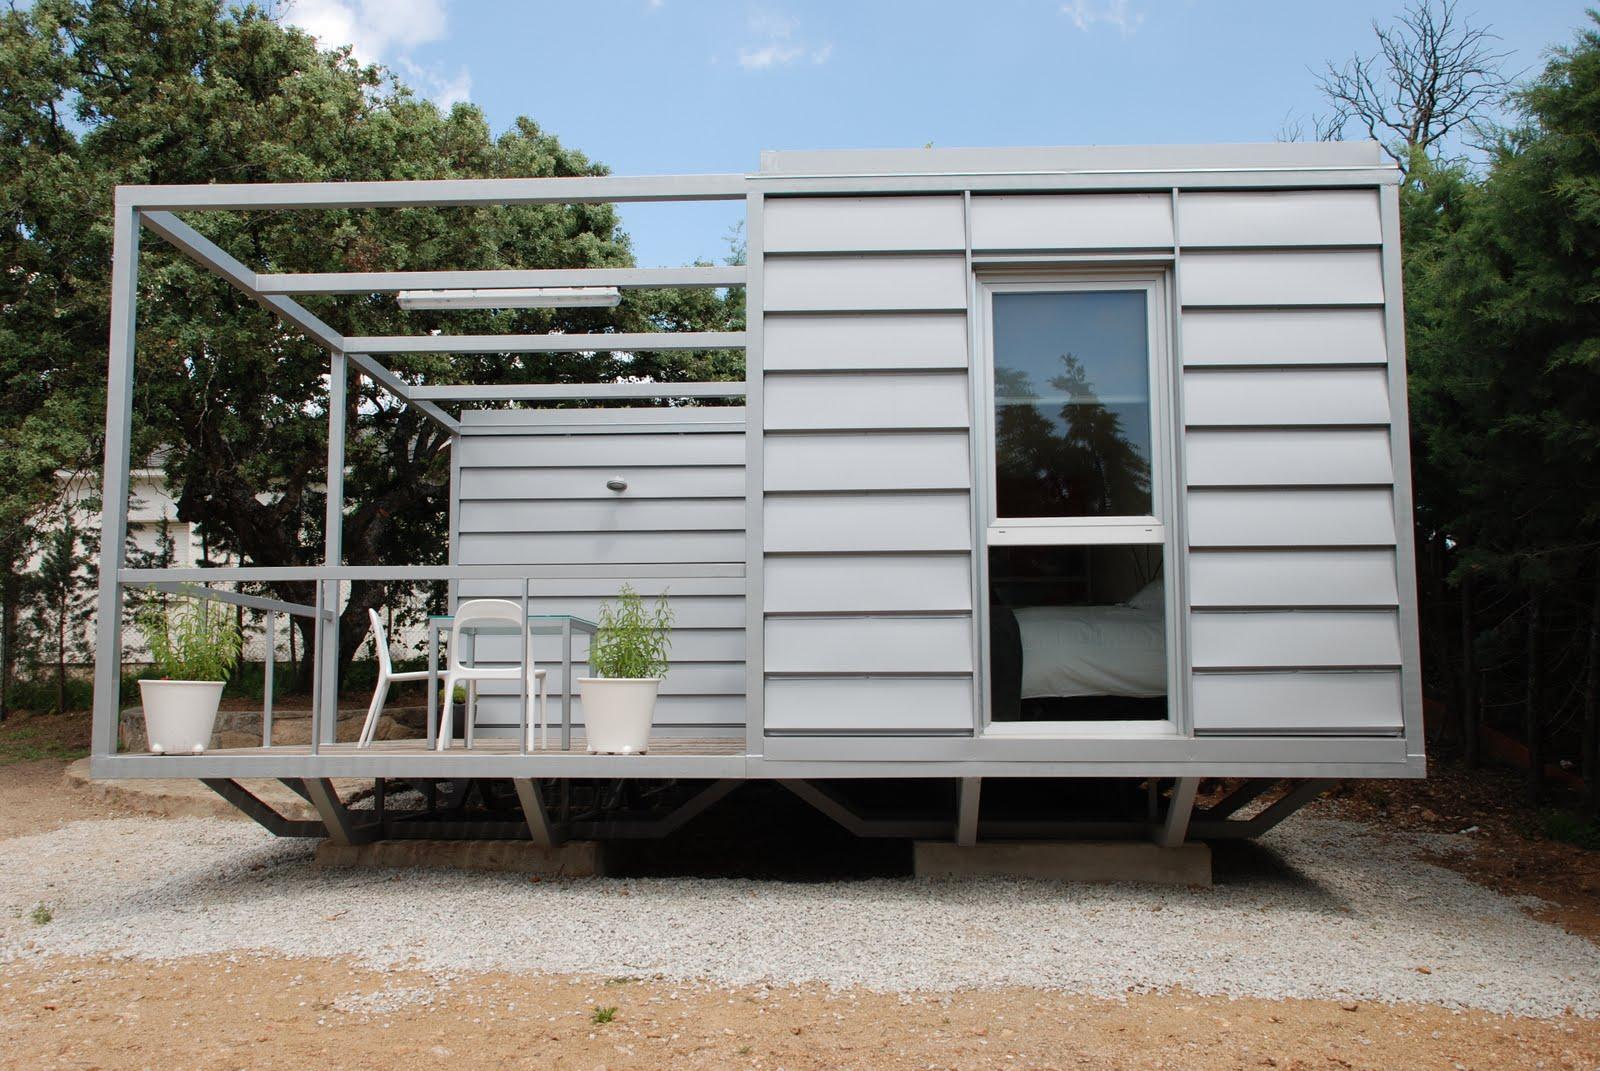 Neocasas proyectos modulares mayo 2011 - Casas prefabricadas sostenibles ...